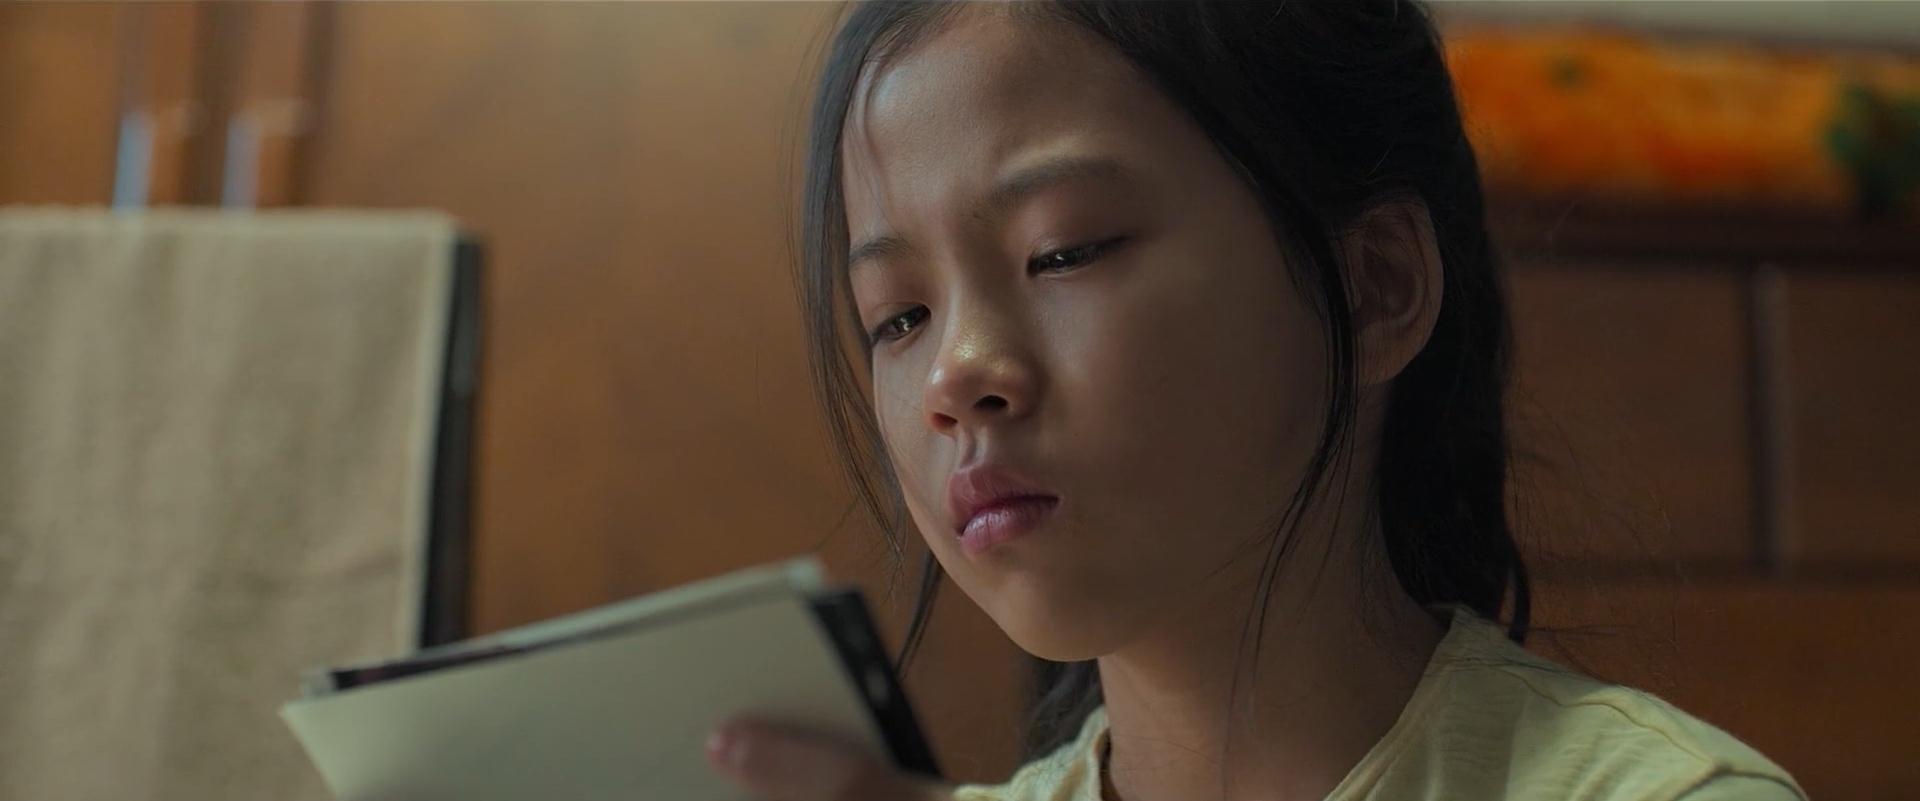 韩国电影《小委托人》不幸的人,一生都在治愈童年 (11)